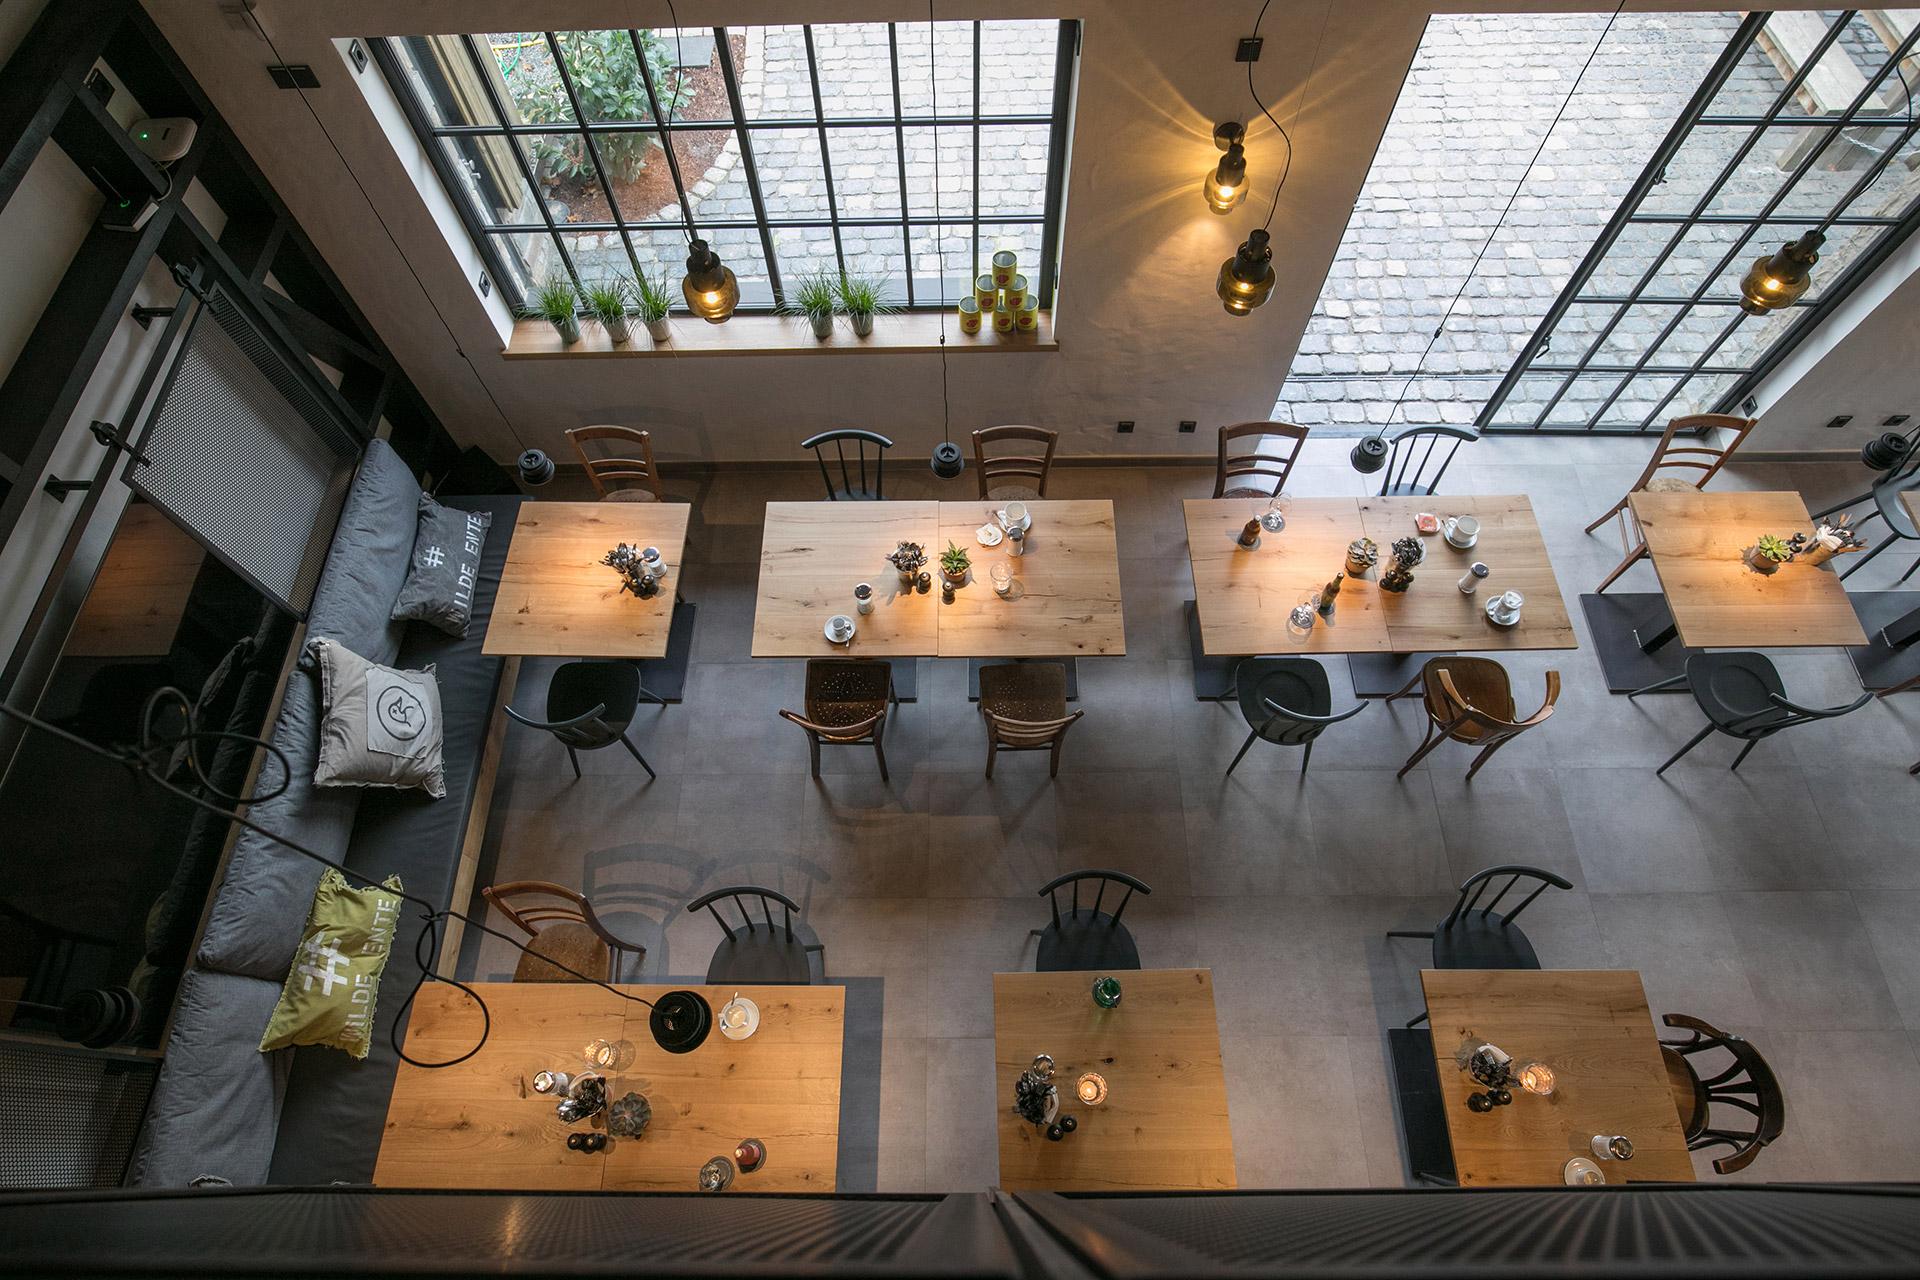 Ansicht von oben. Restaurant Wilde Ente in Iserlohn.